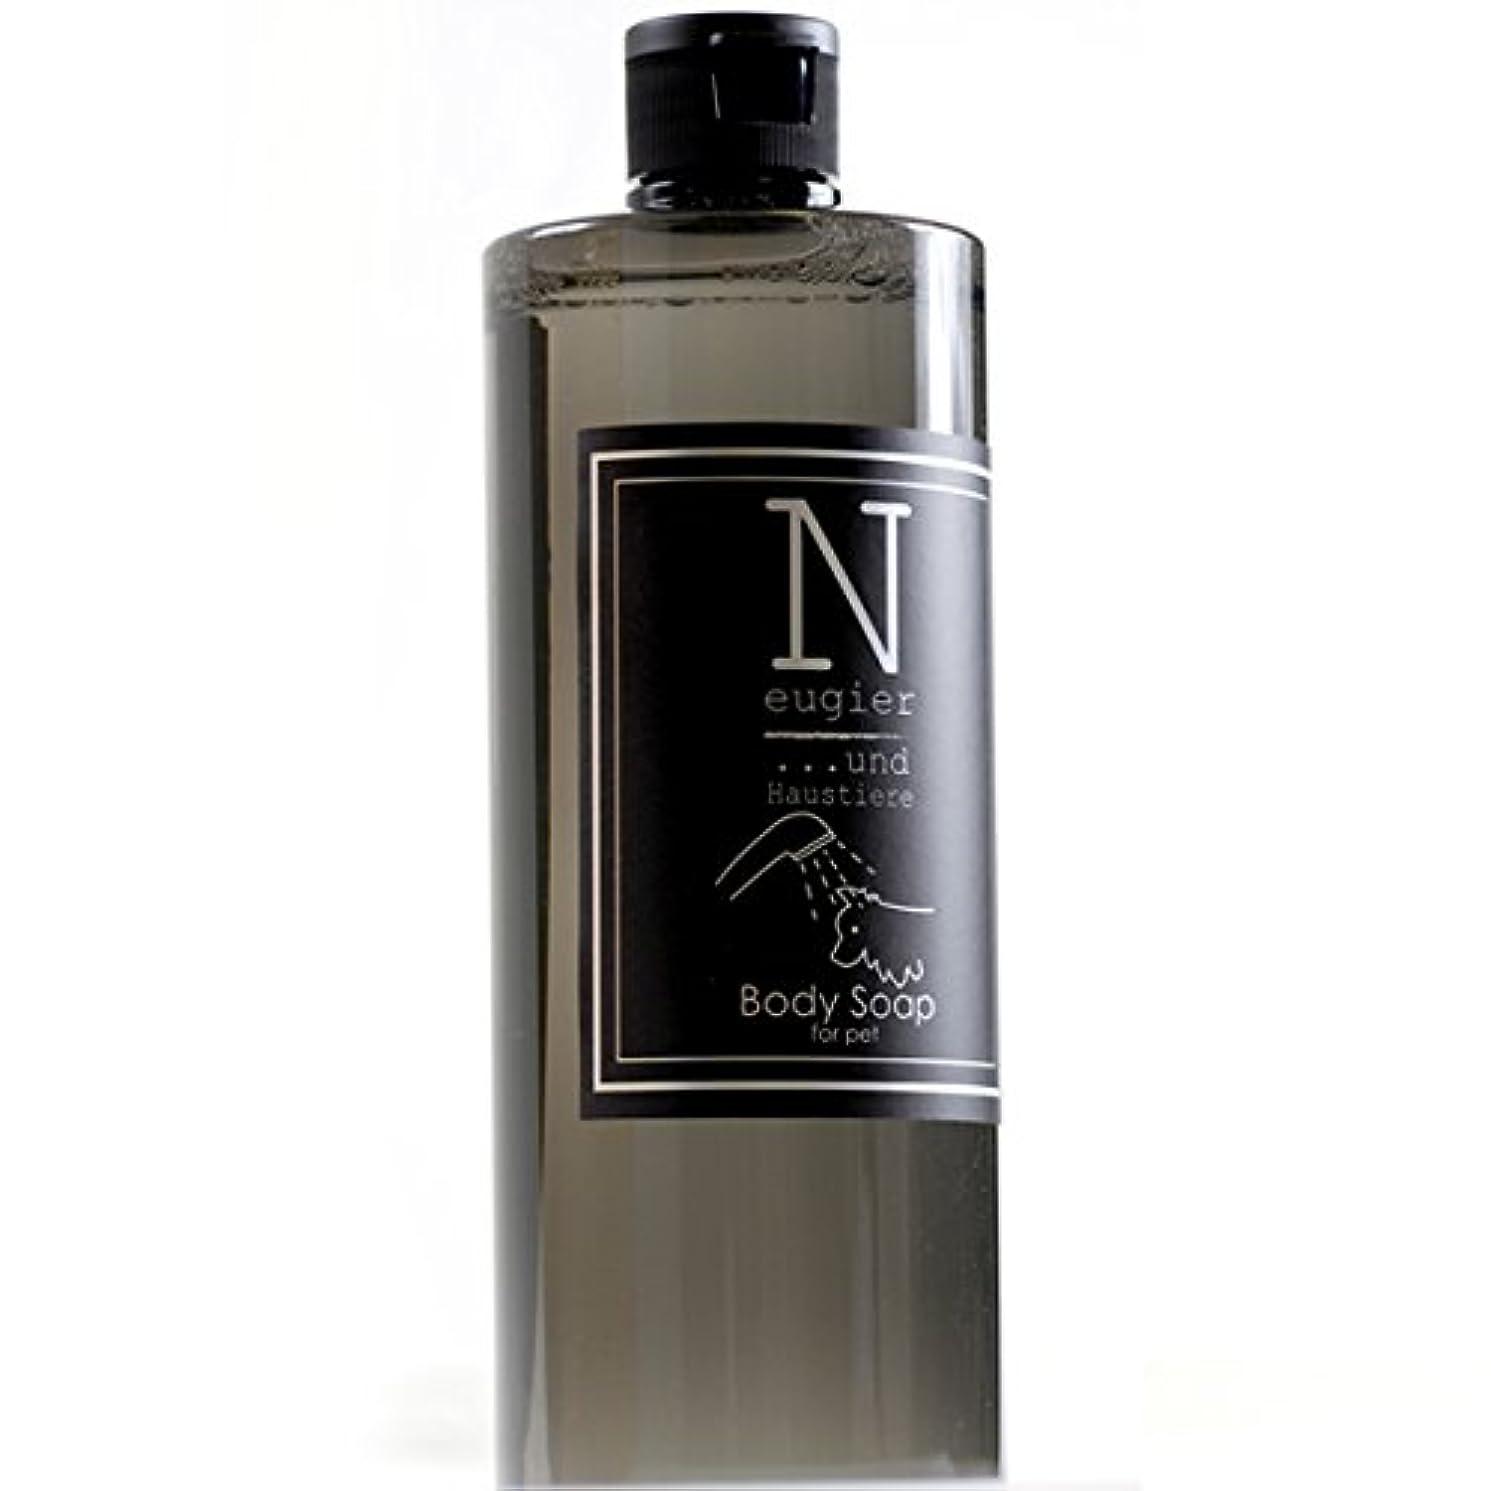 同盟表向き六Neugier ケアシリーズ body Soap (ボディーソープ/ペットシャンプー) (500)